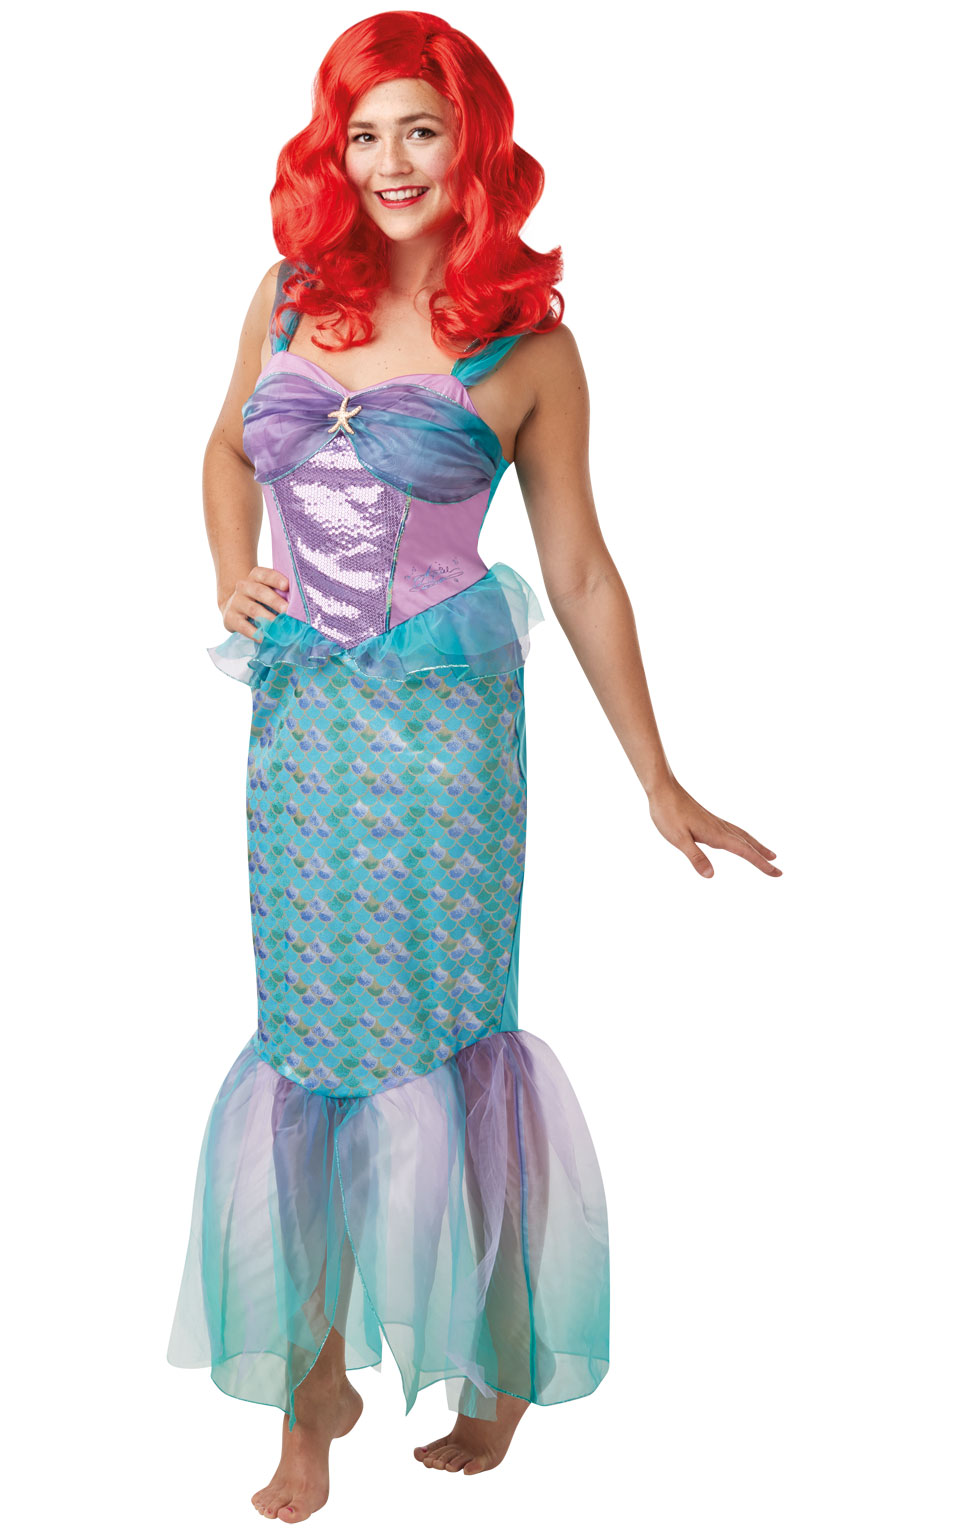 Rubies Kostým Ariel - dámsky Veľkosť - dospelý: S